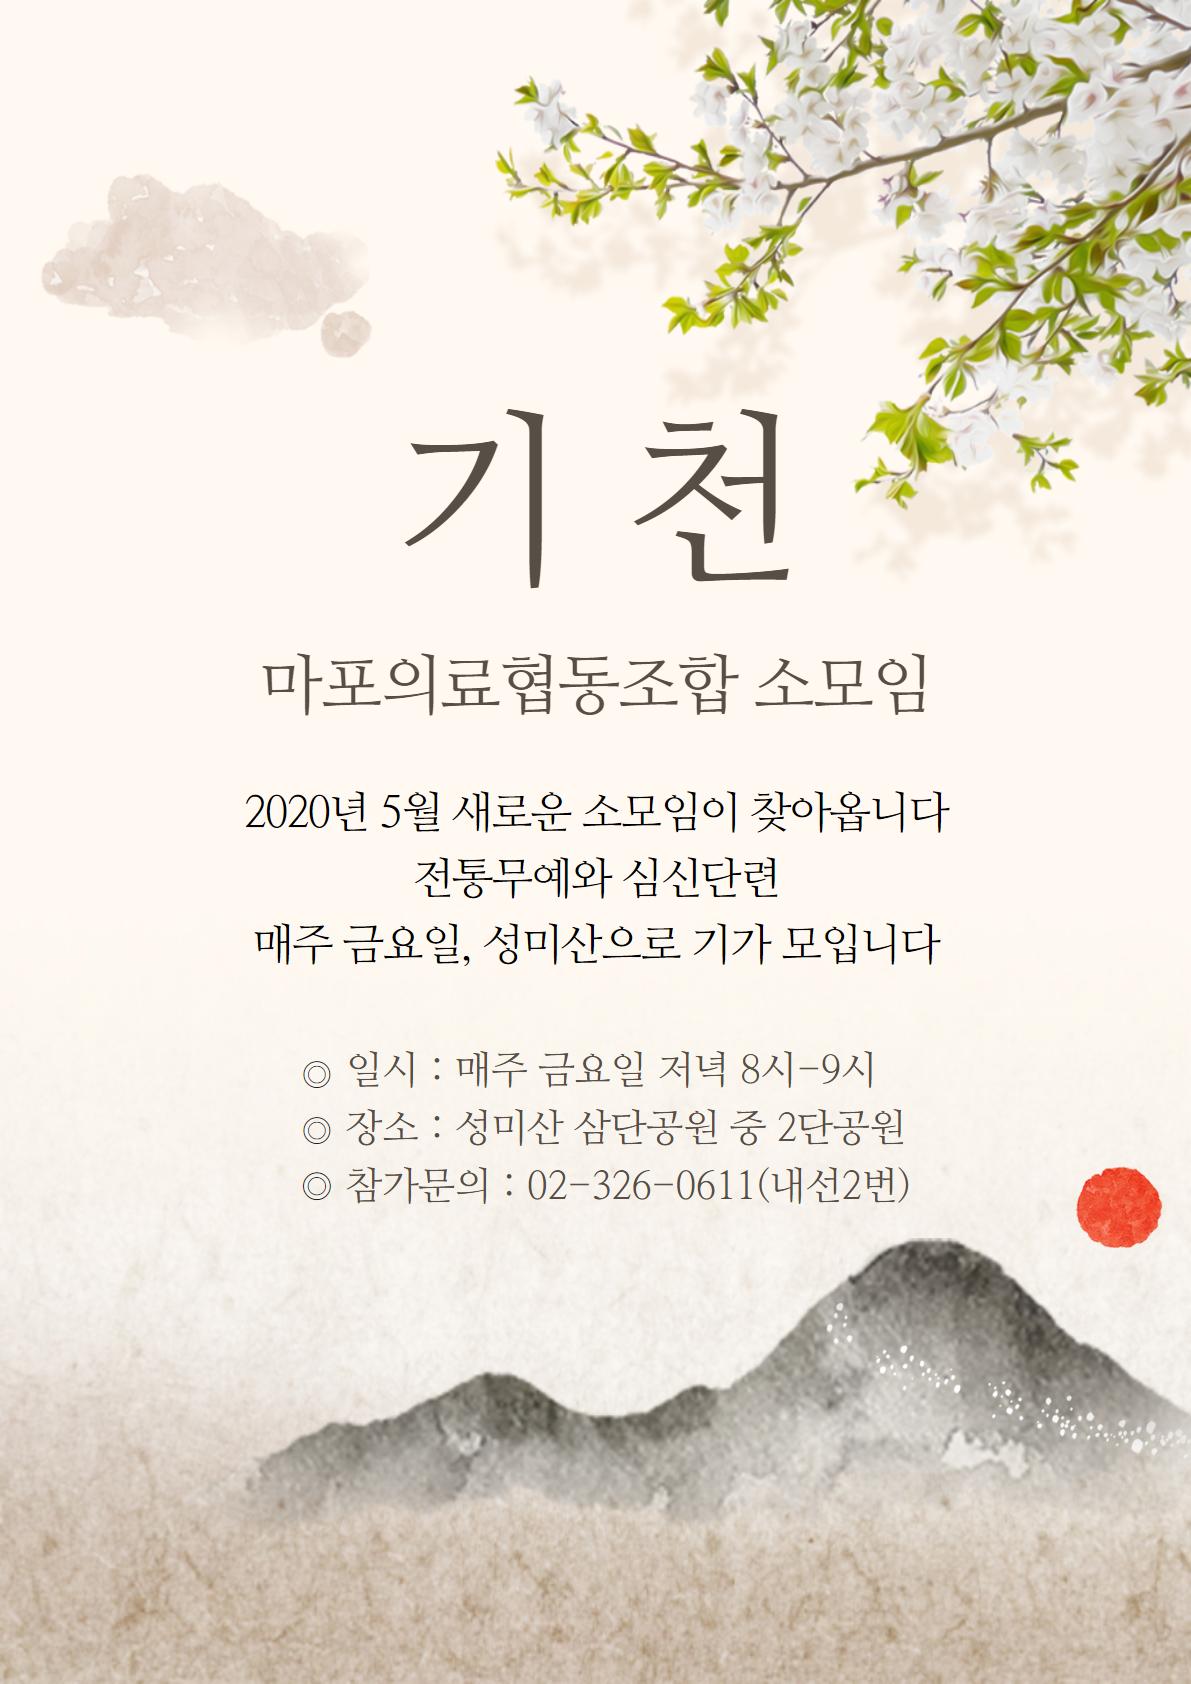 소모임 기천 참가문의 02-326-0611